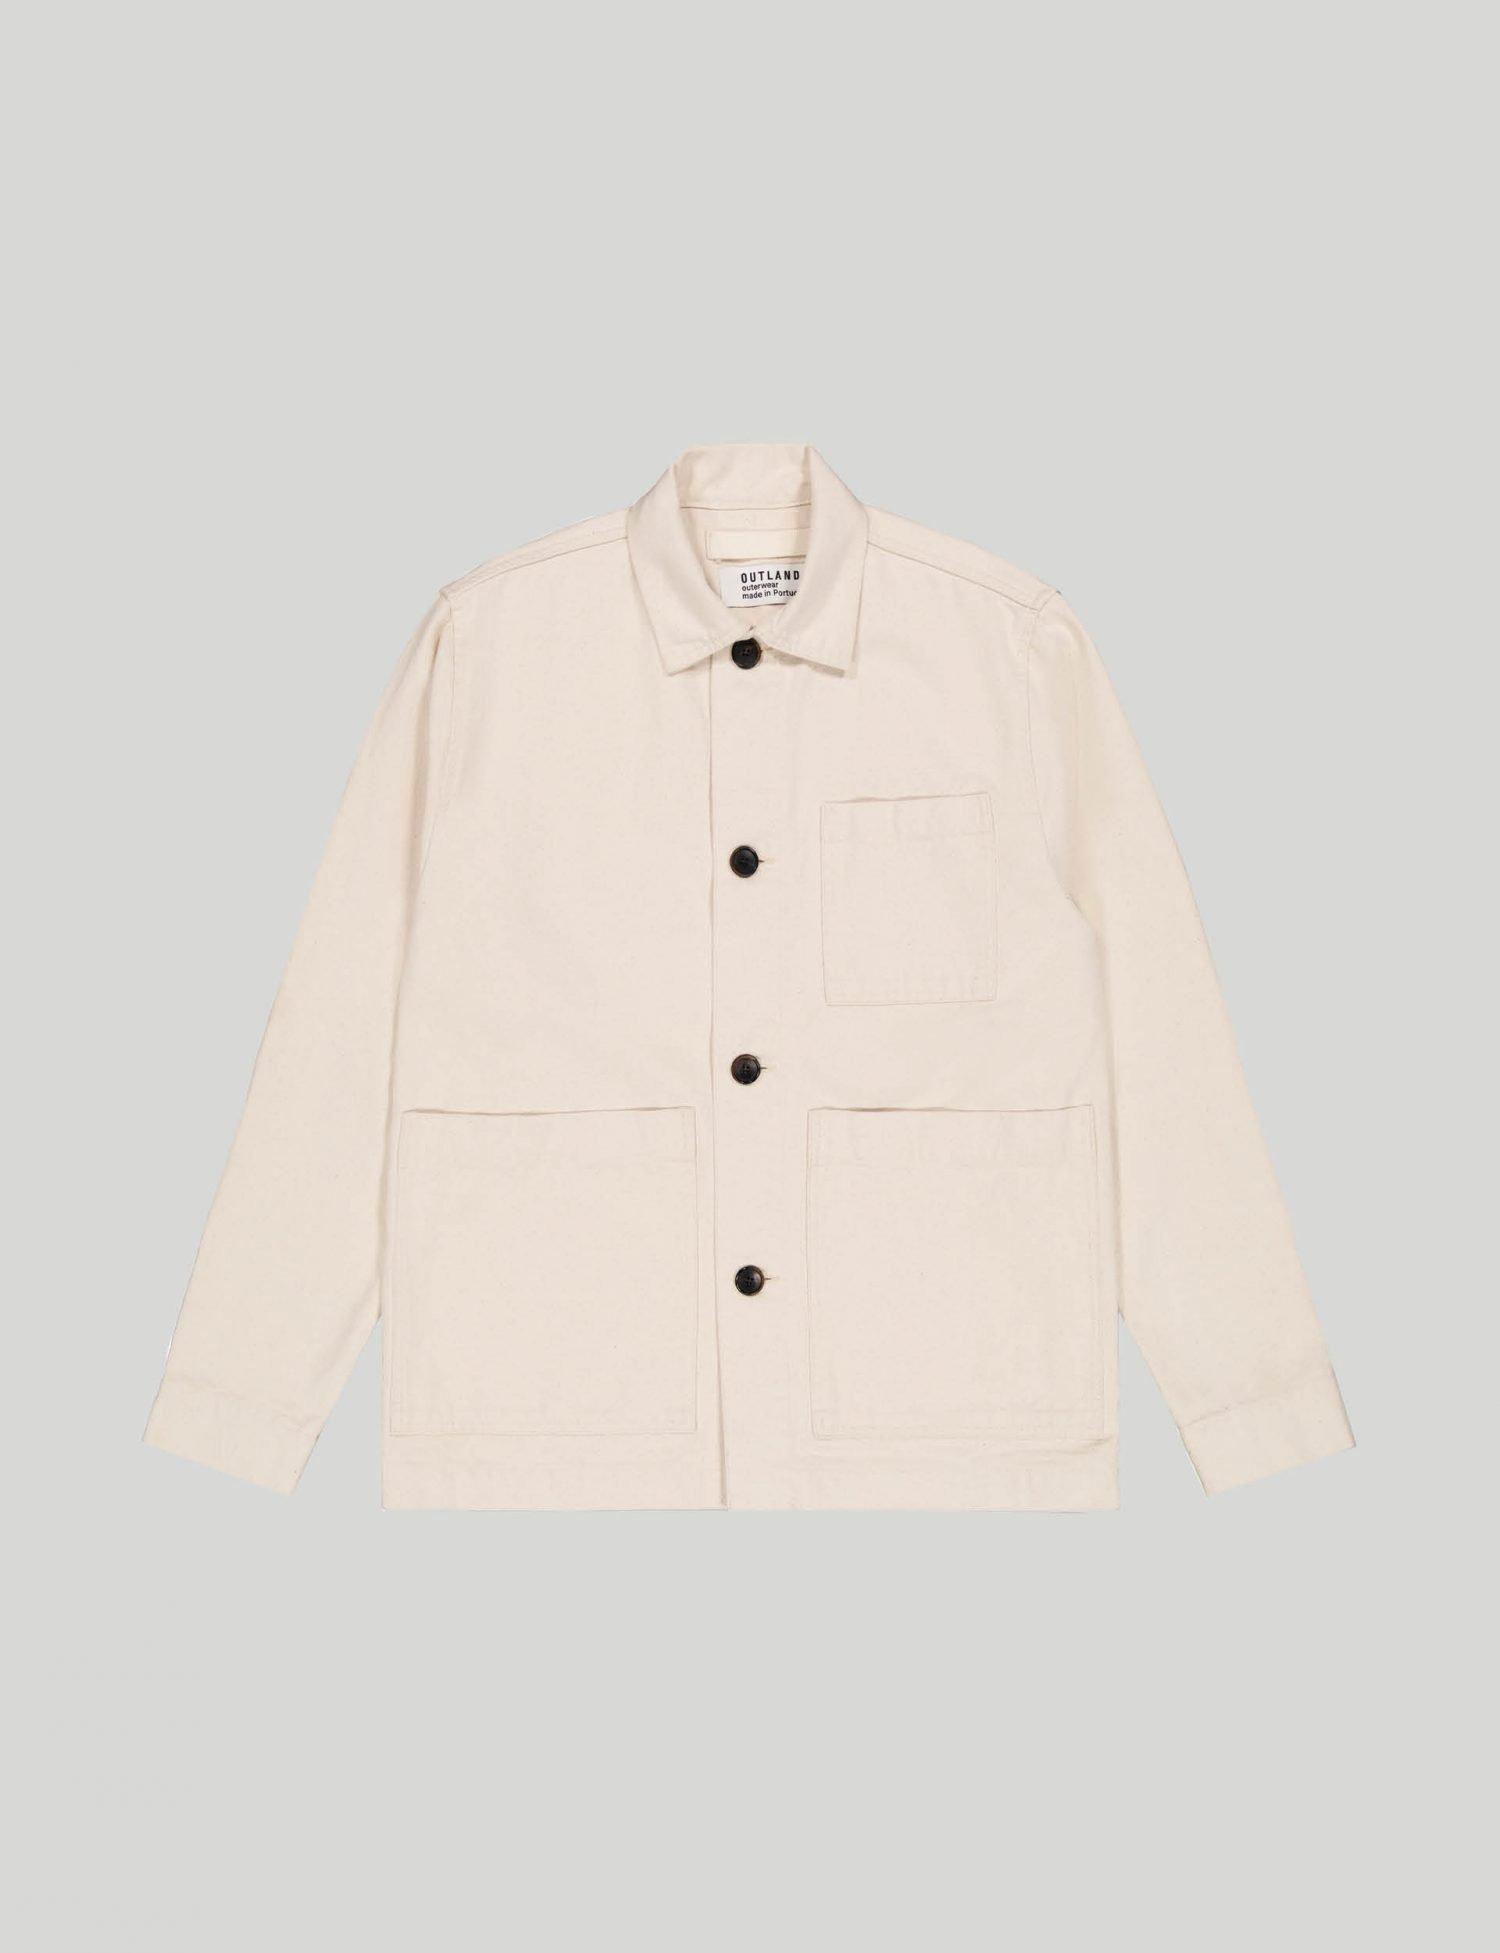 Outland - Castart - Dubliner twill overshirt - Off-white